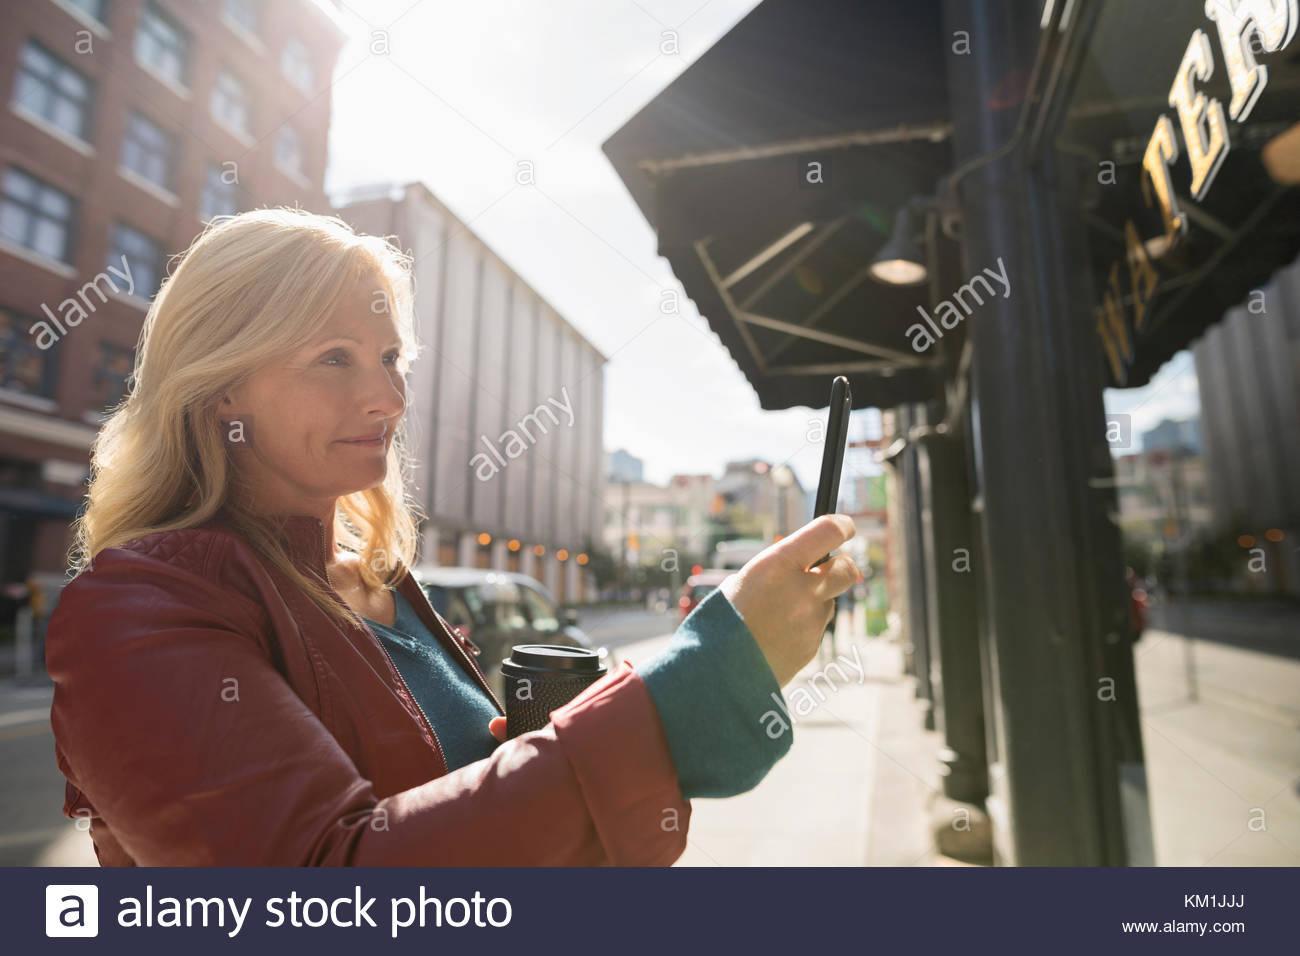 Donna matura con caffè tramite telefono con fotocamera al sunny urbano storefront finestra Immagini Stock